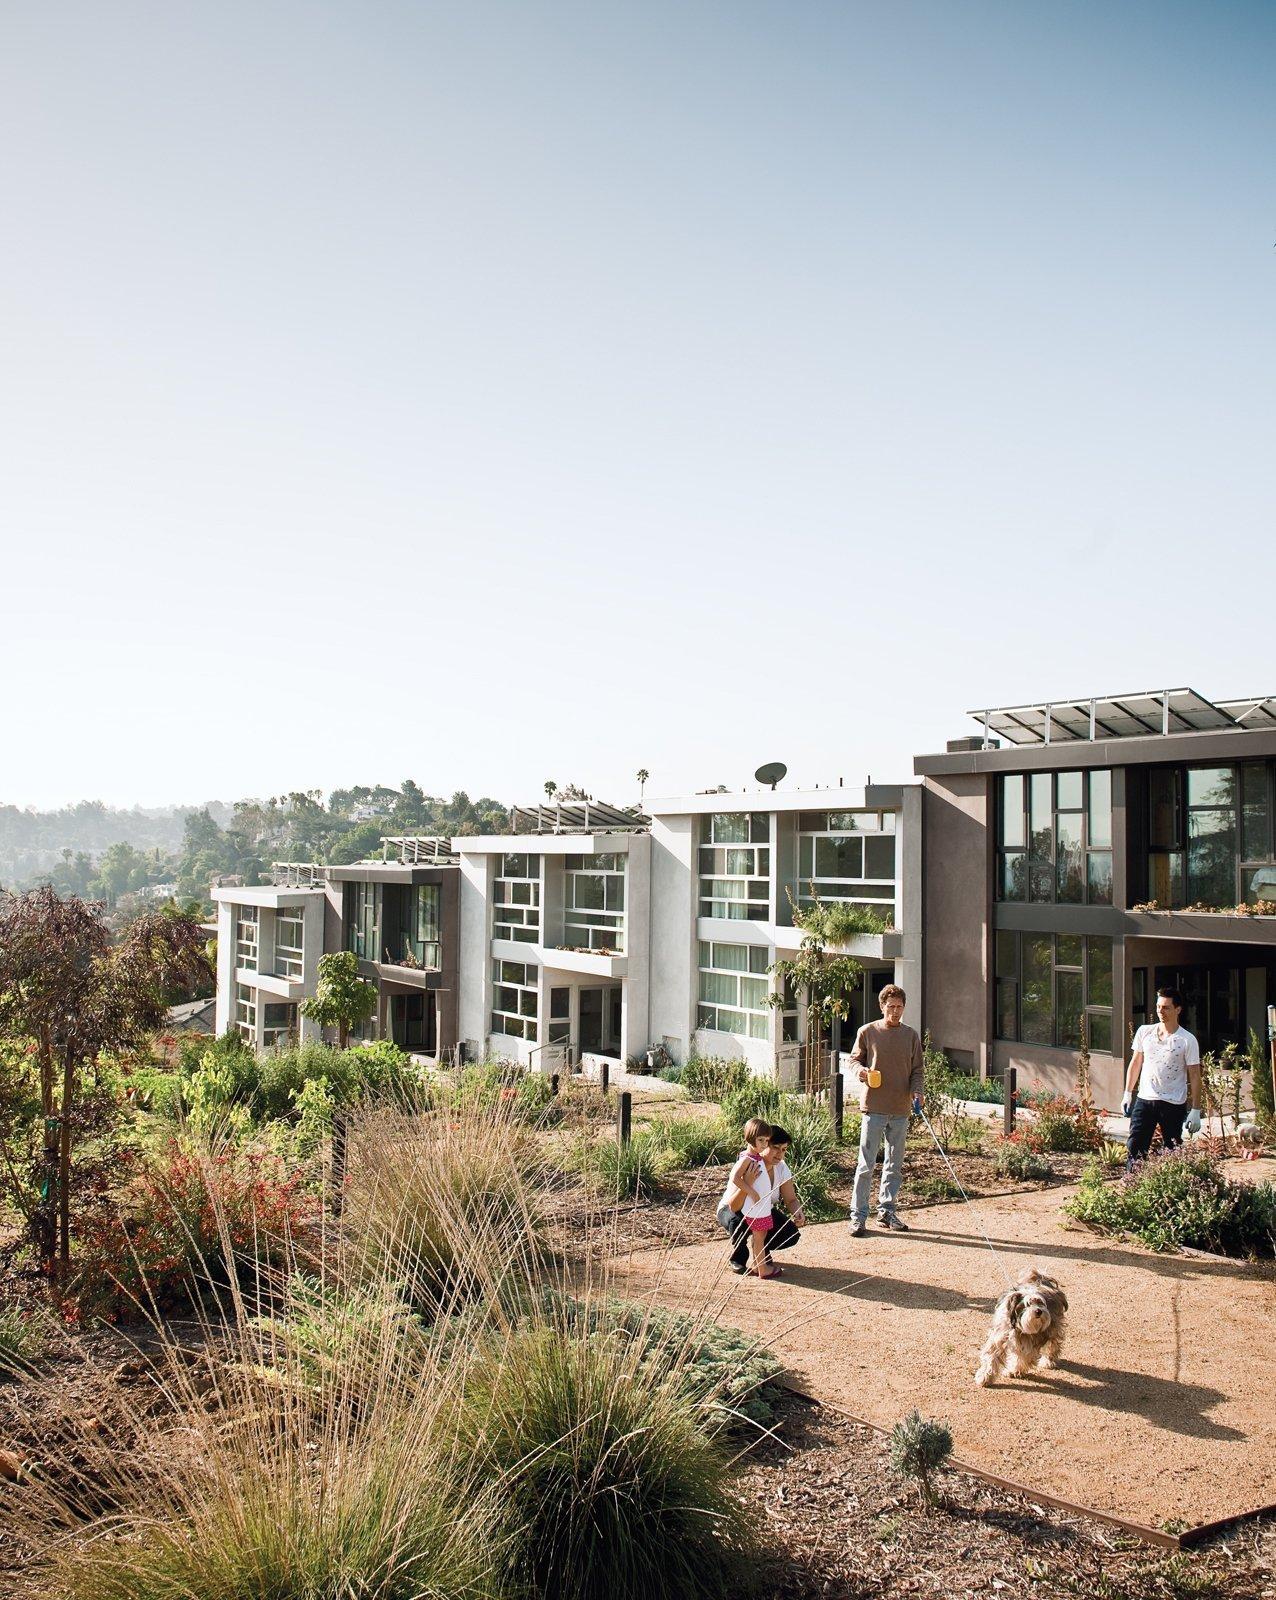 Unbelievably Green Housing Developments by Luke Hopping